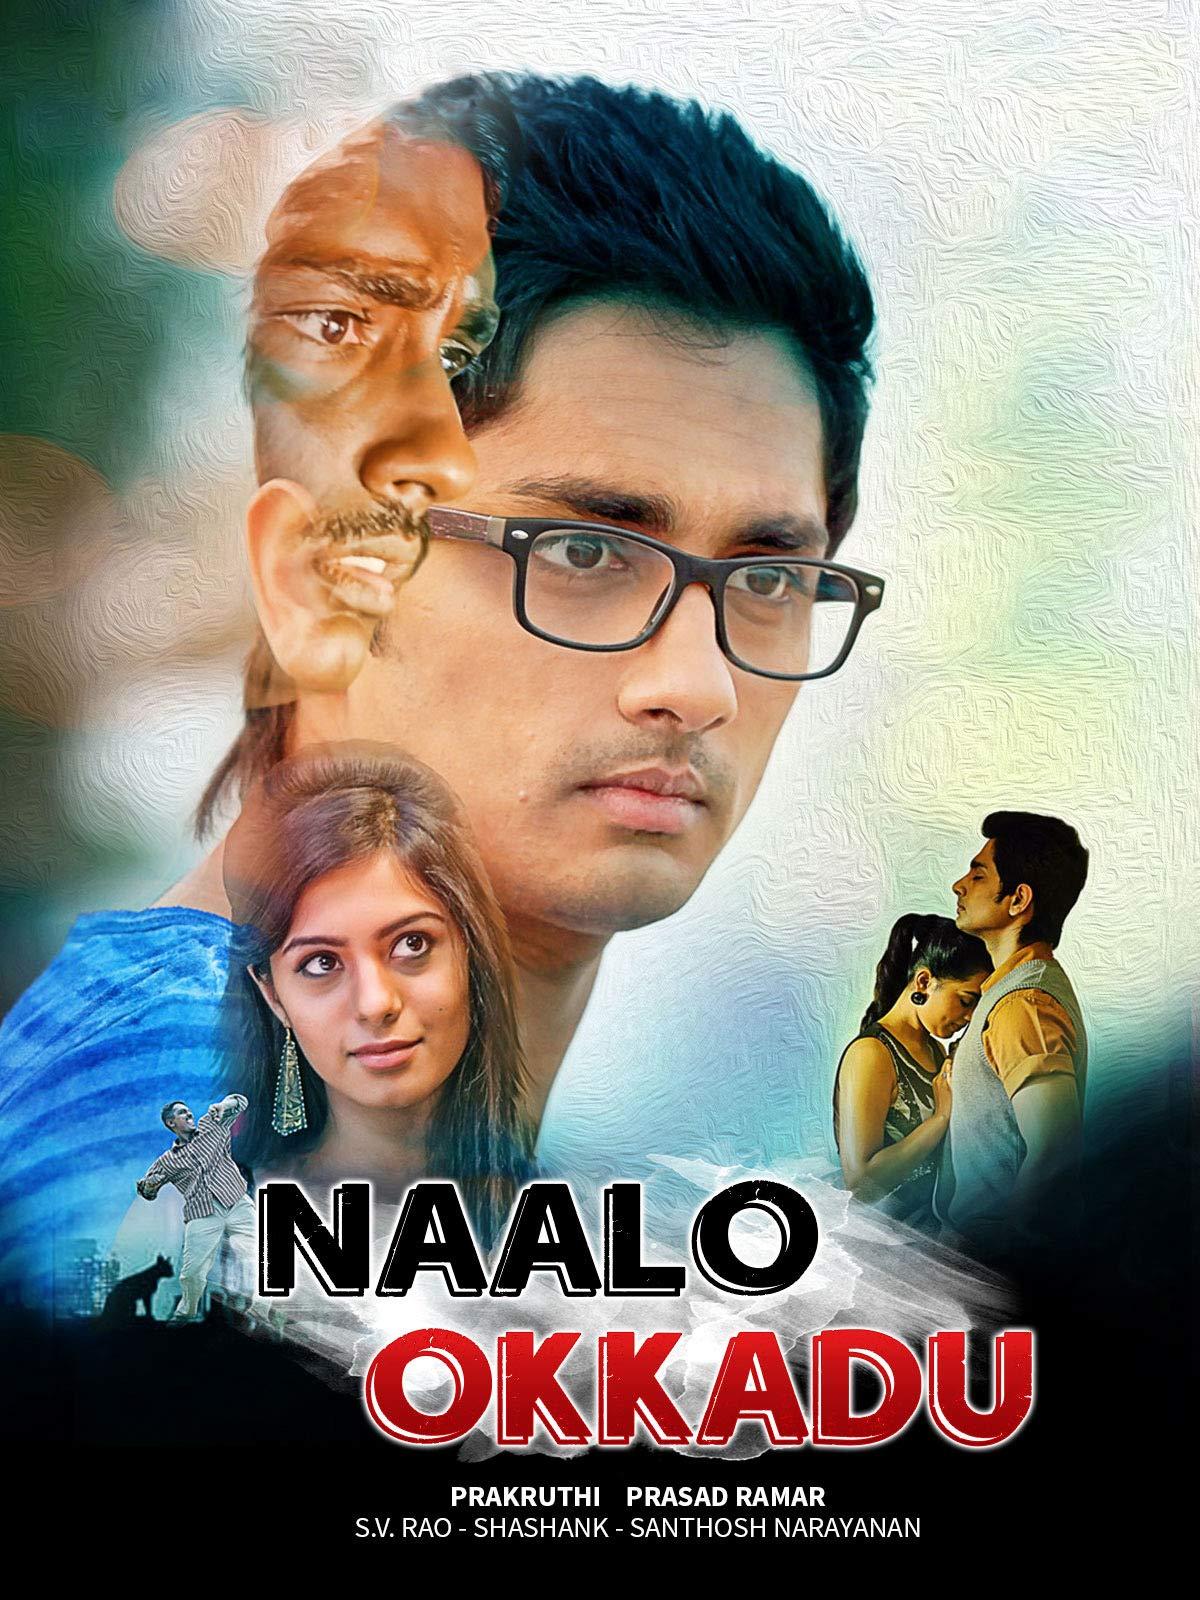 Naalo Okkadu